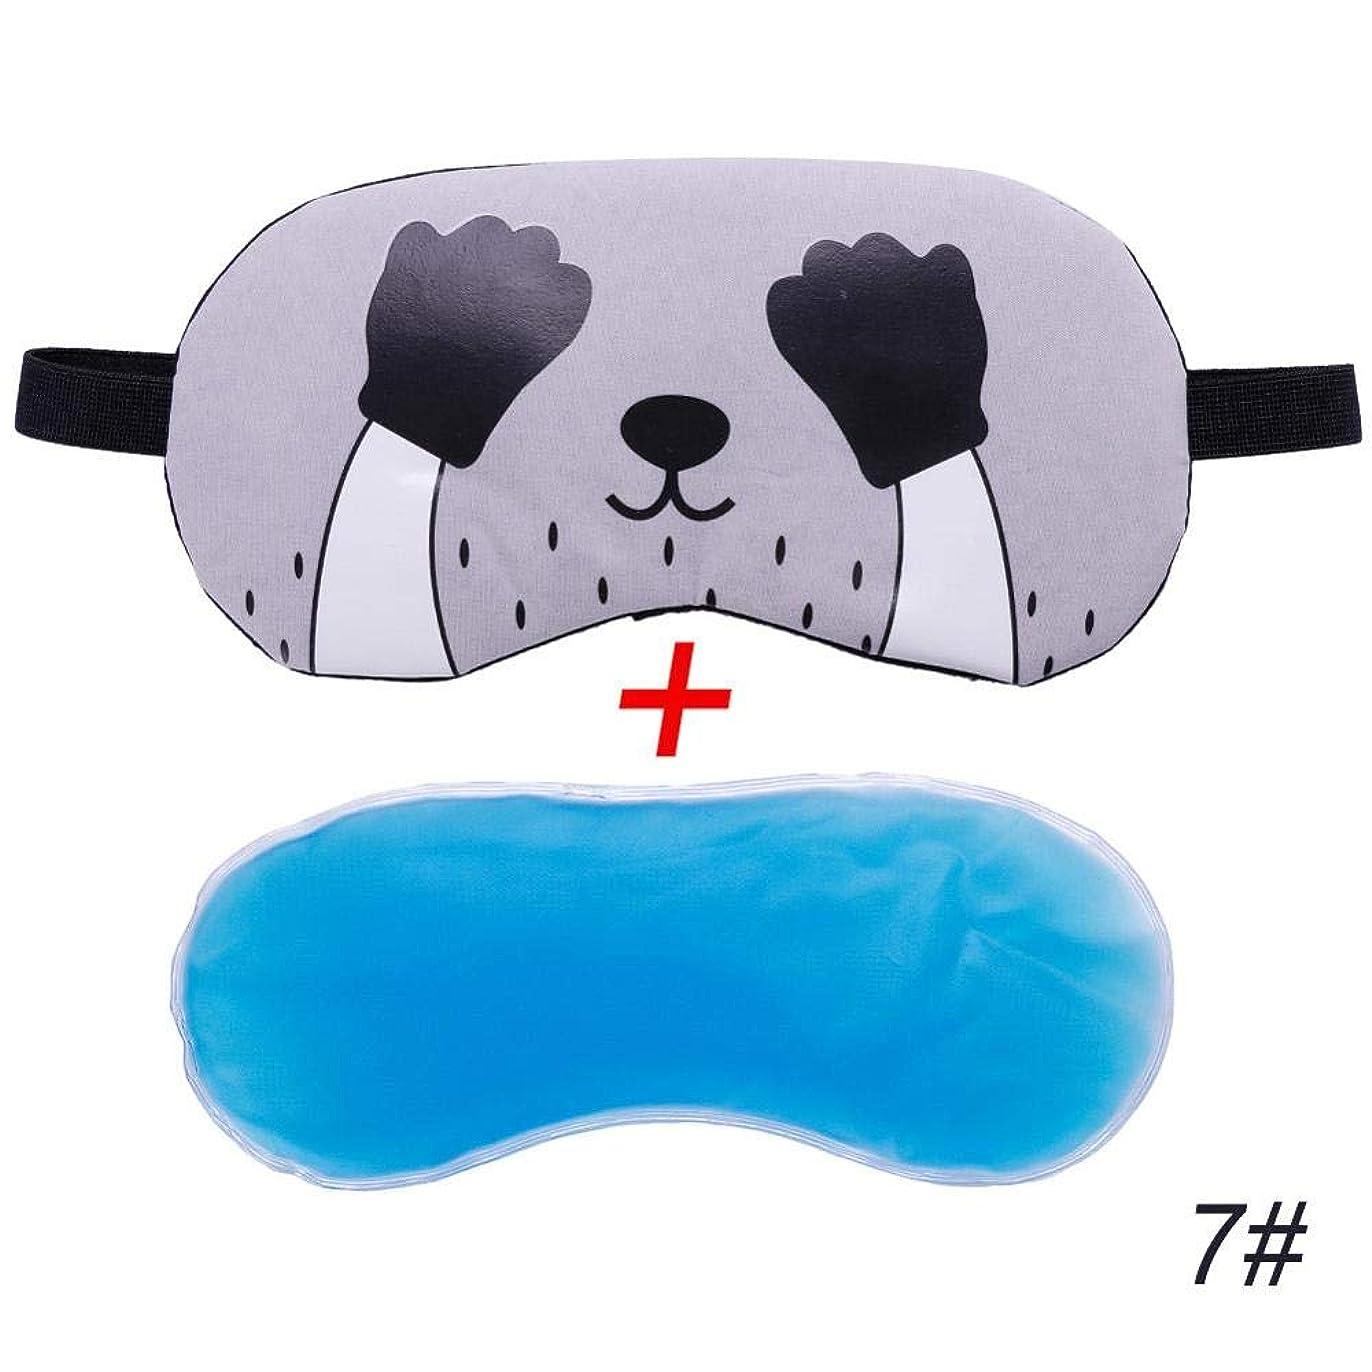 構成するレトルトウィスキーNOTE かわいい猫漫画ソフトアイ睡眠補助マスクで快適なアイス圧縮ゲル旅行残りアイシェードカバー目隠し#280205